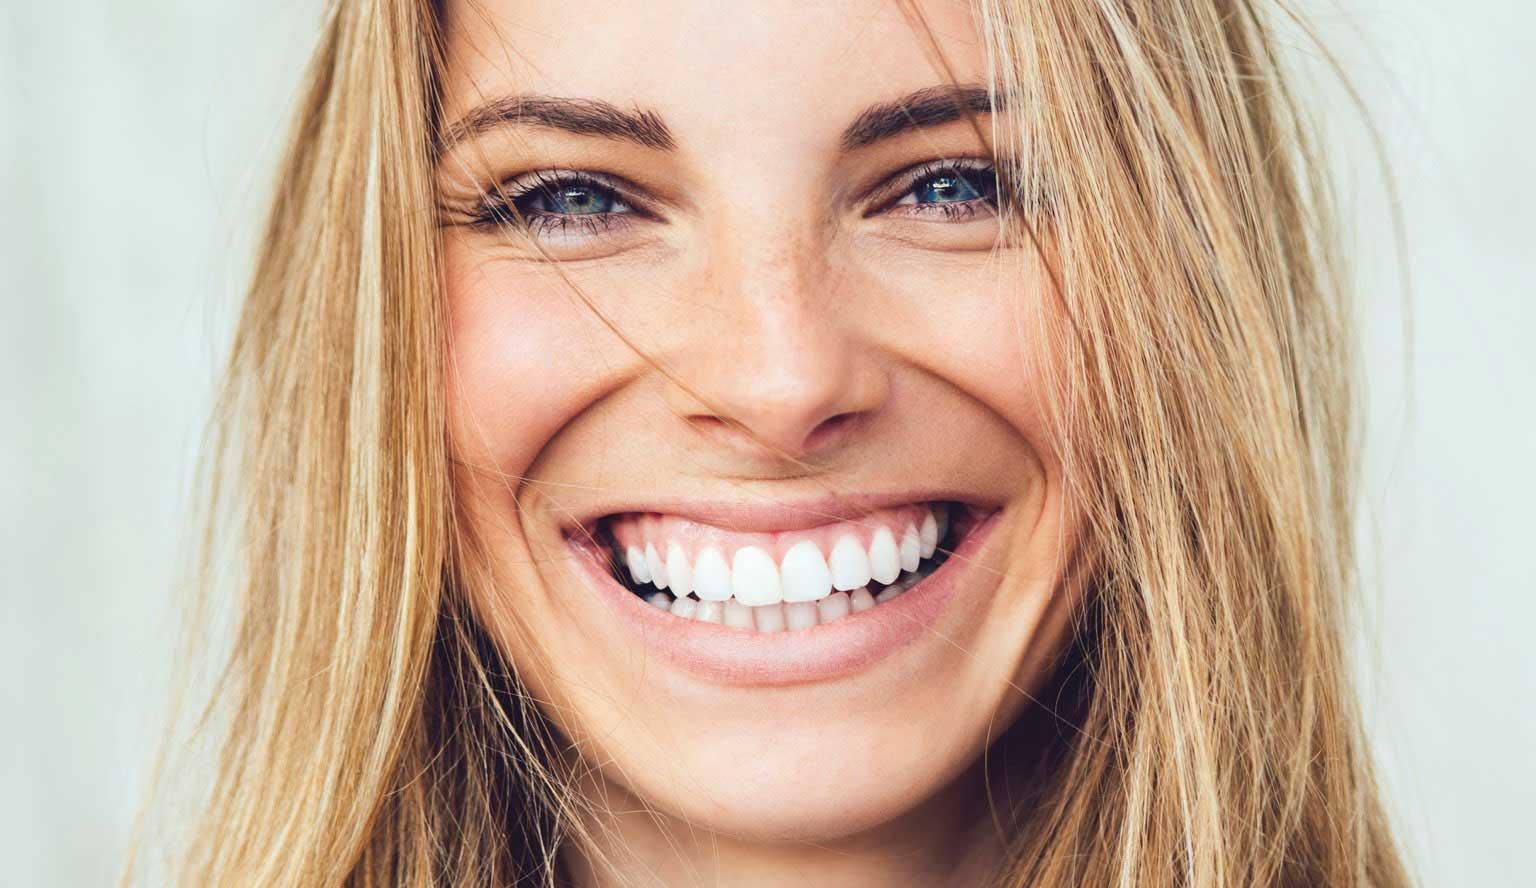 Dental Veneers Cosmetic appearance